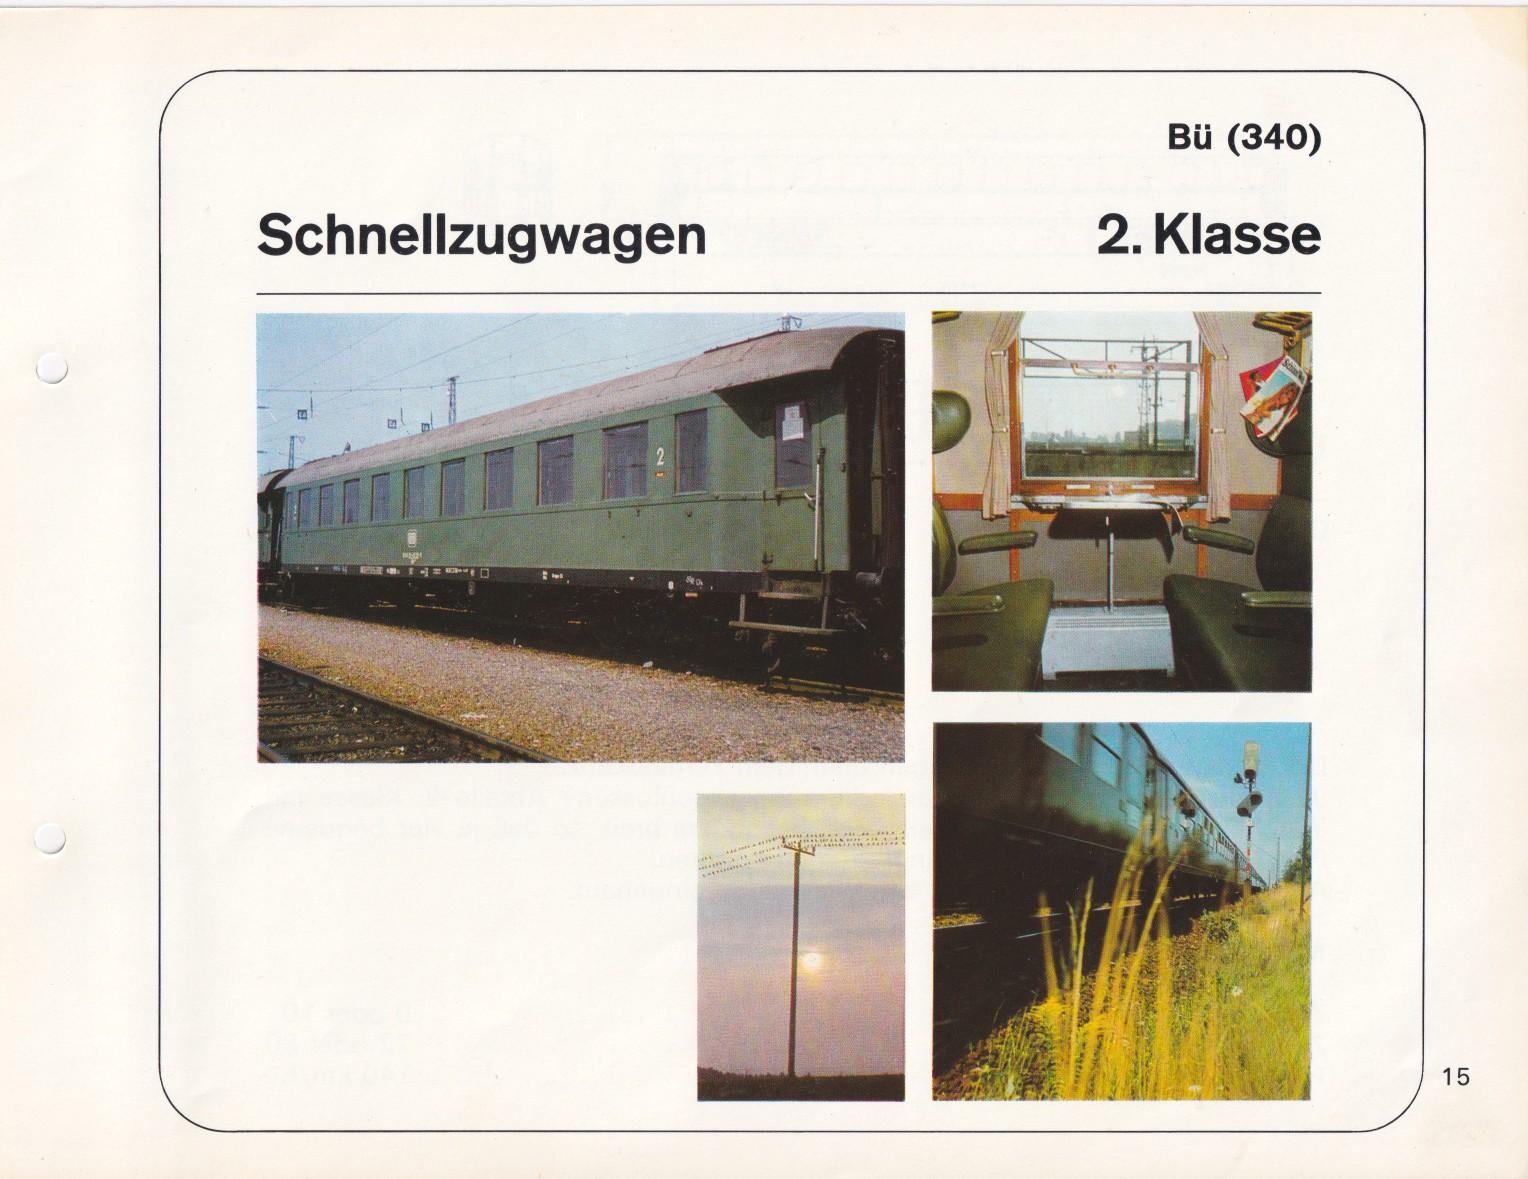 https://www.nullclub.de/hifo/Fahrzeuglexikon/Wagen15a.jpg